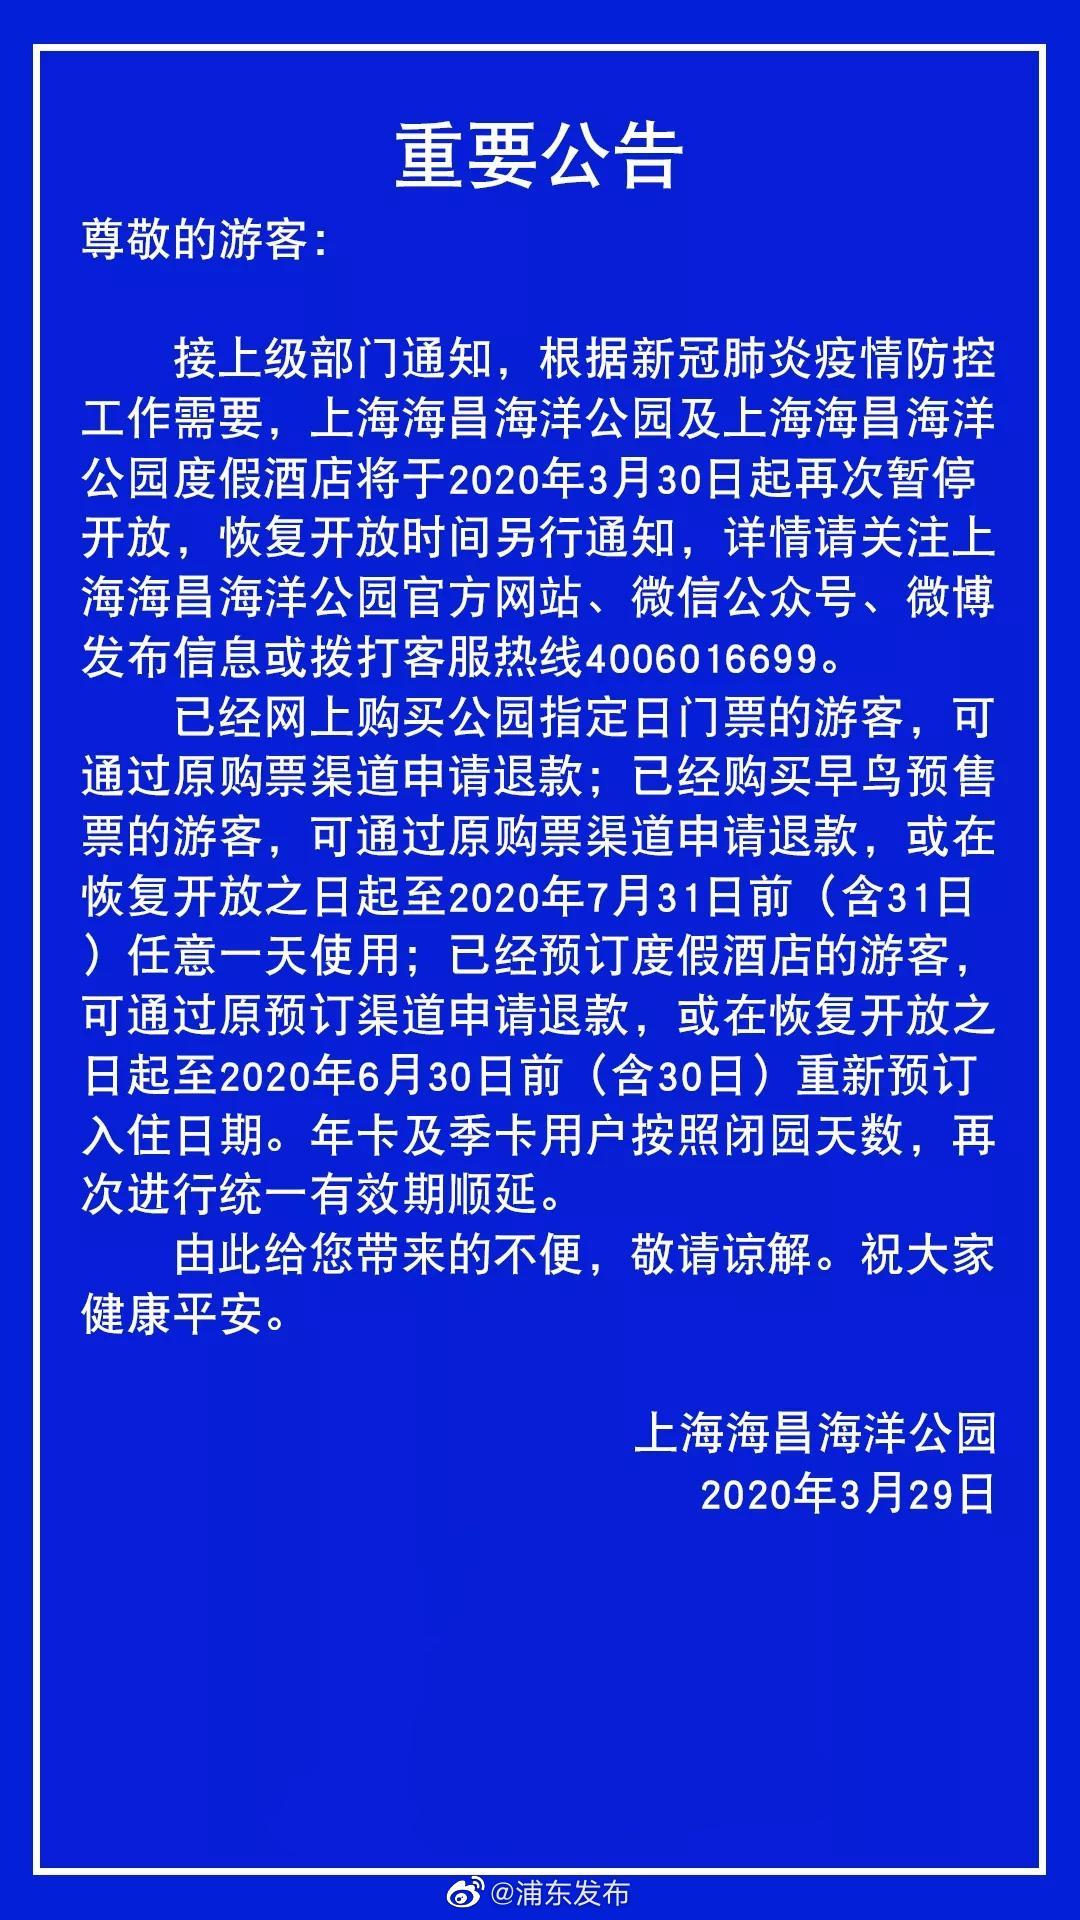 公告:上海海昌海洋公园及公园度假酒店3月30日起暂停开放